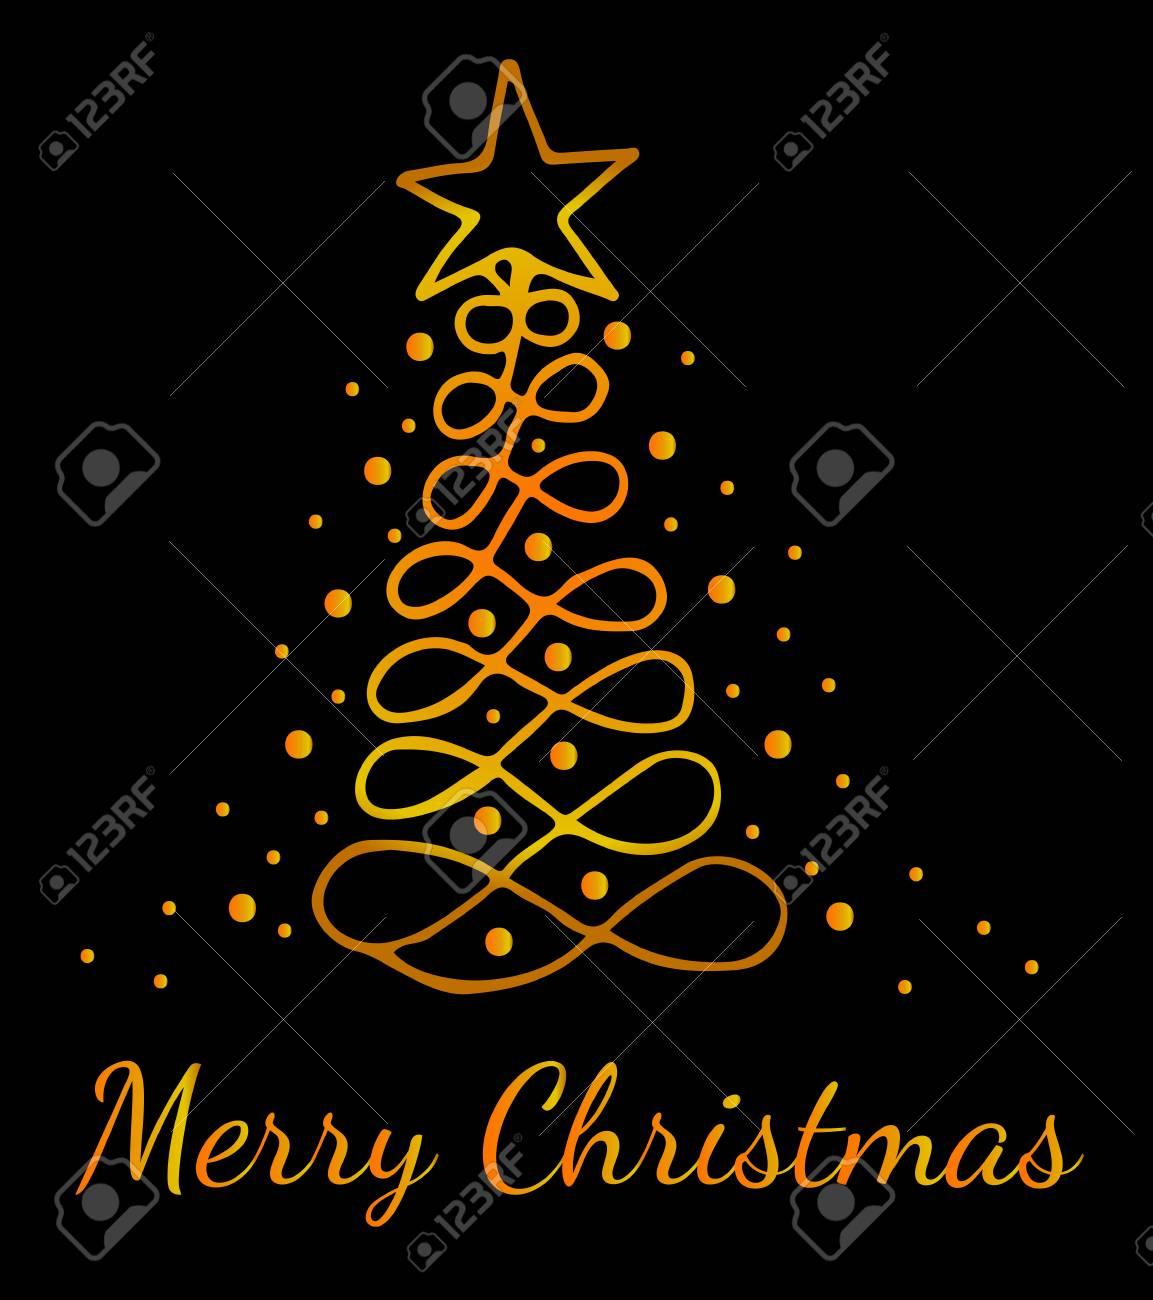 Sfondi Natalizi Oro.Biglietto Di Auguri Di Buon Natale Linea D Oro Con Albero Puo Essere Utilizzato Per Carta Invito Poster Sfondi Texture Cartelli Banner